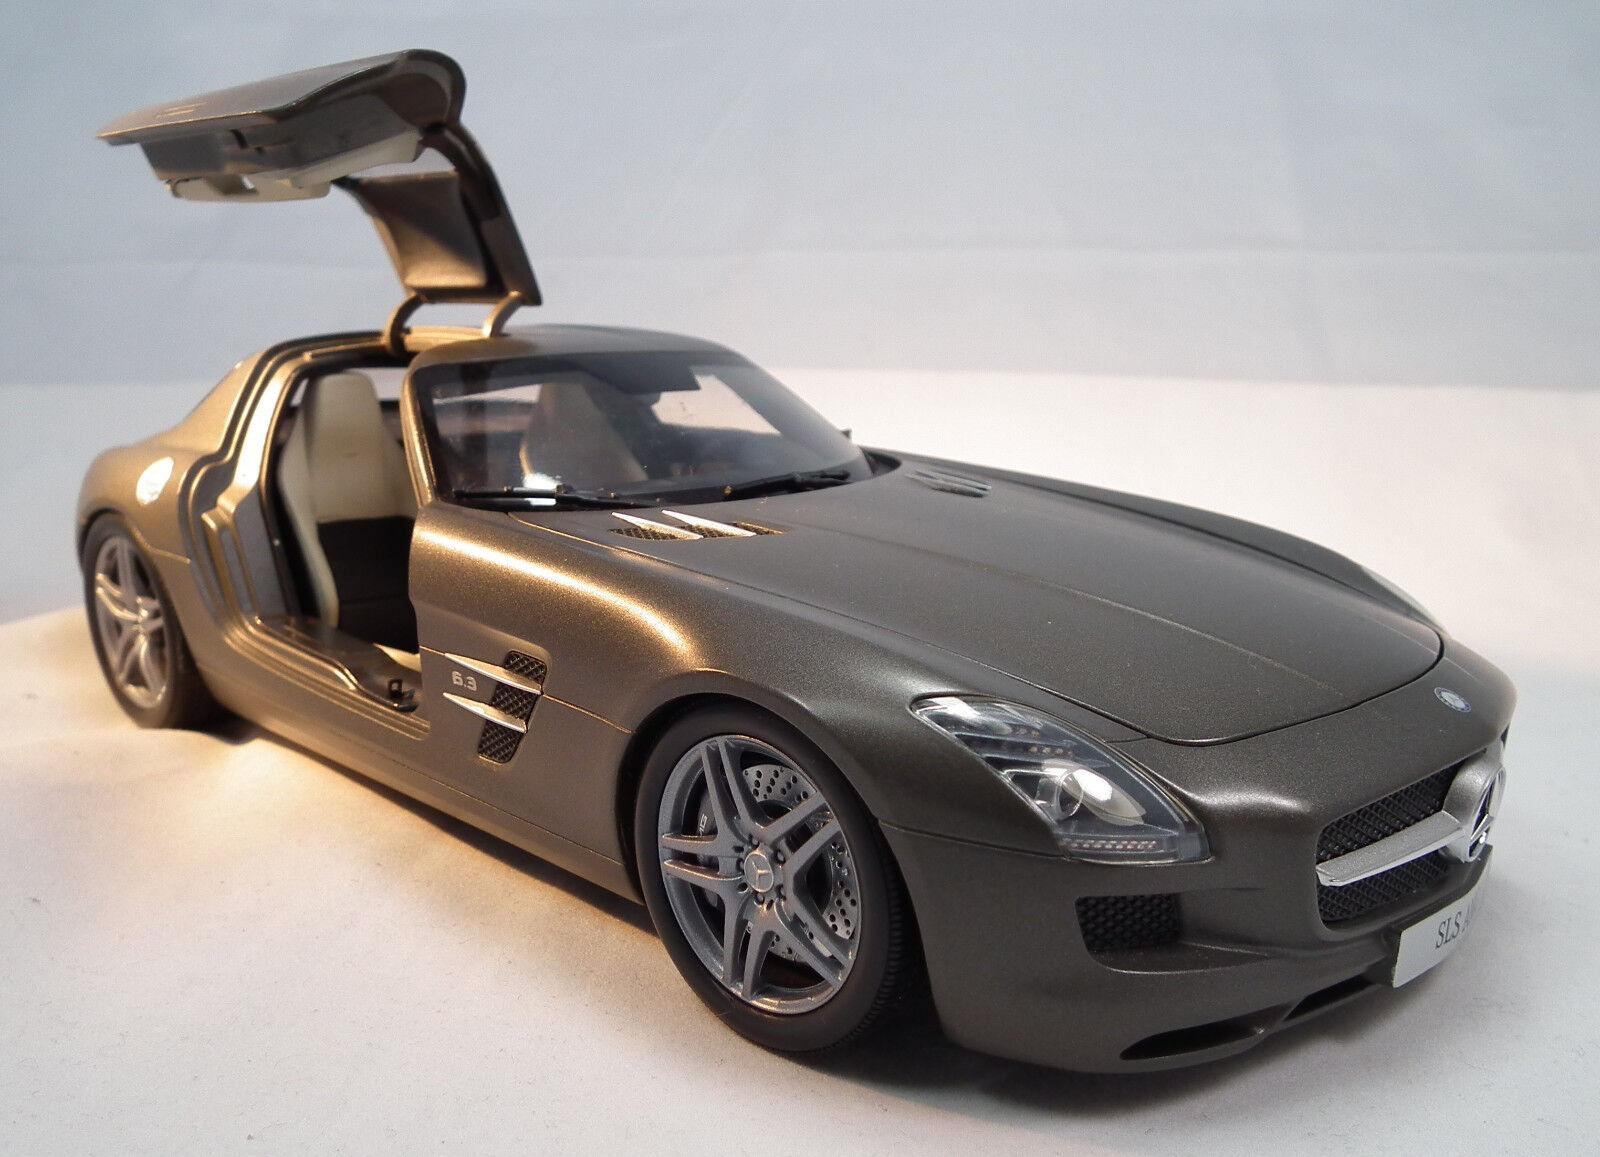 Mercedes-Benz SLS AMG 6,3 à l'échelle 1 18 de MINICHAMPS Flügeltürer Gullwing